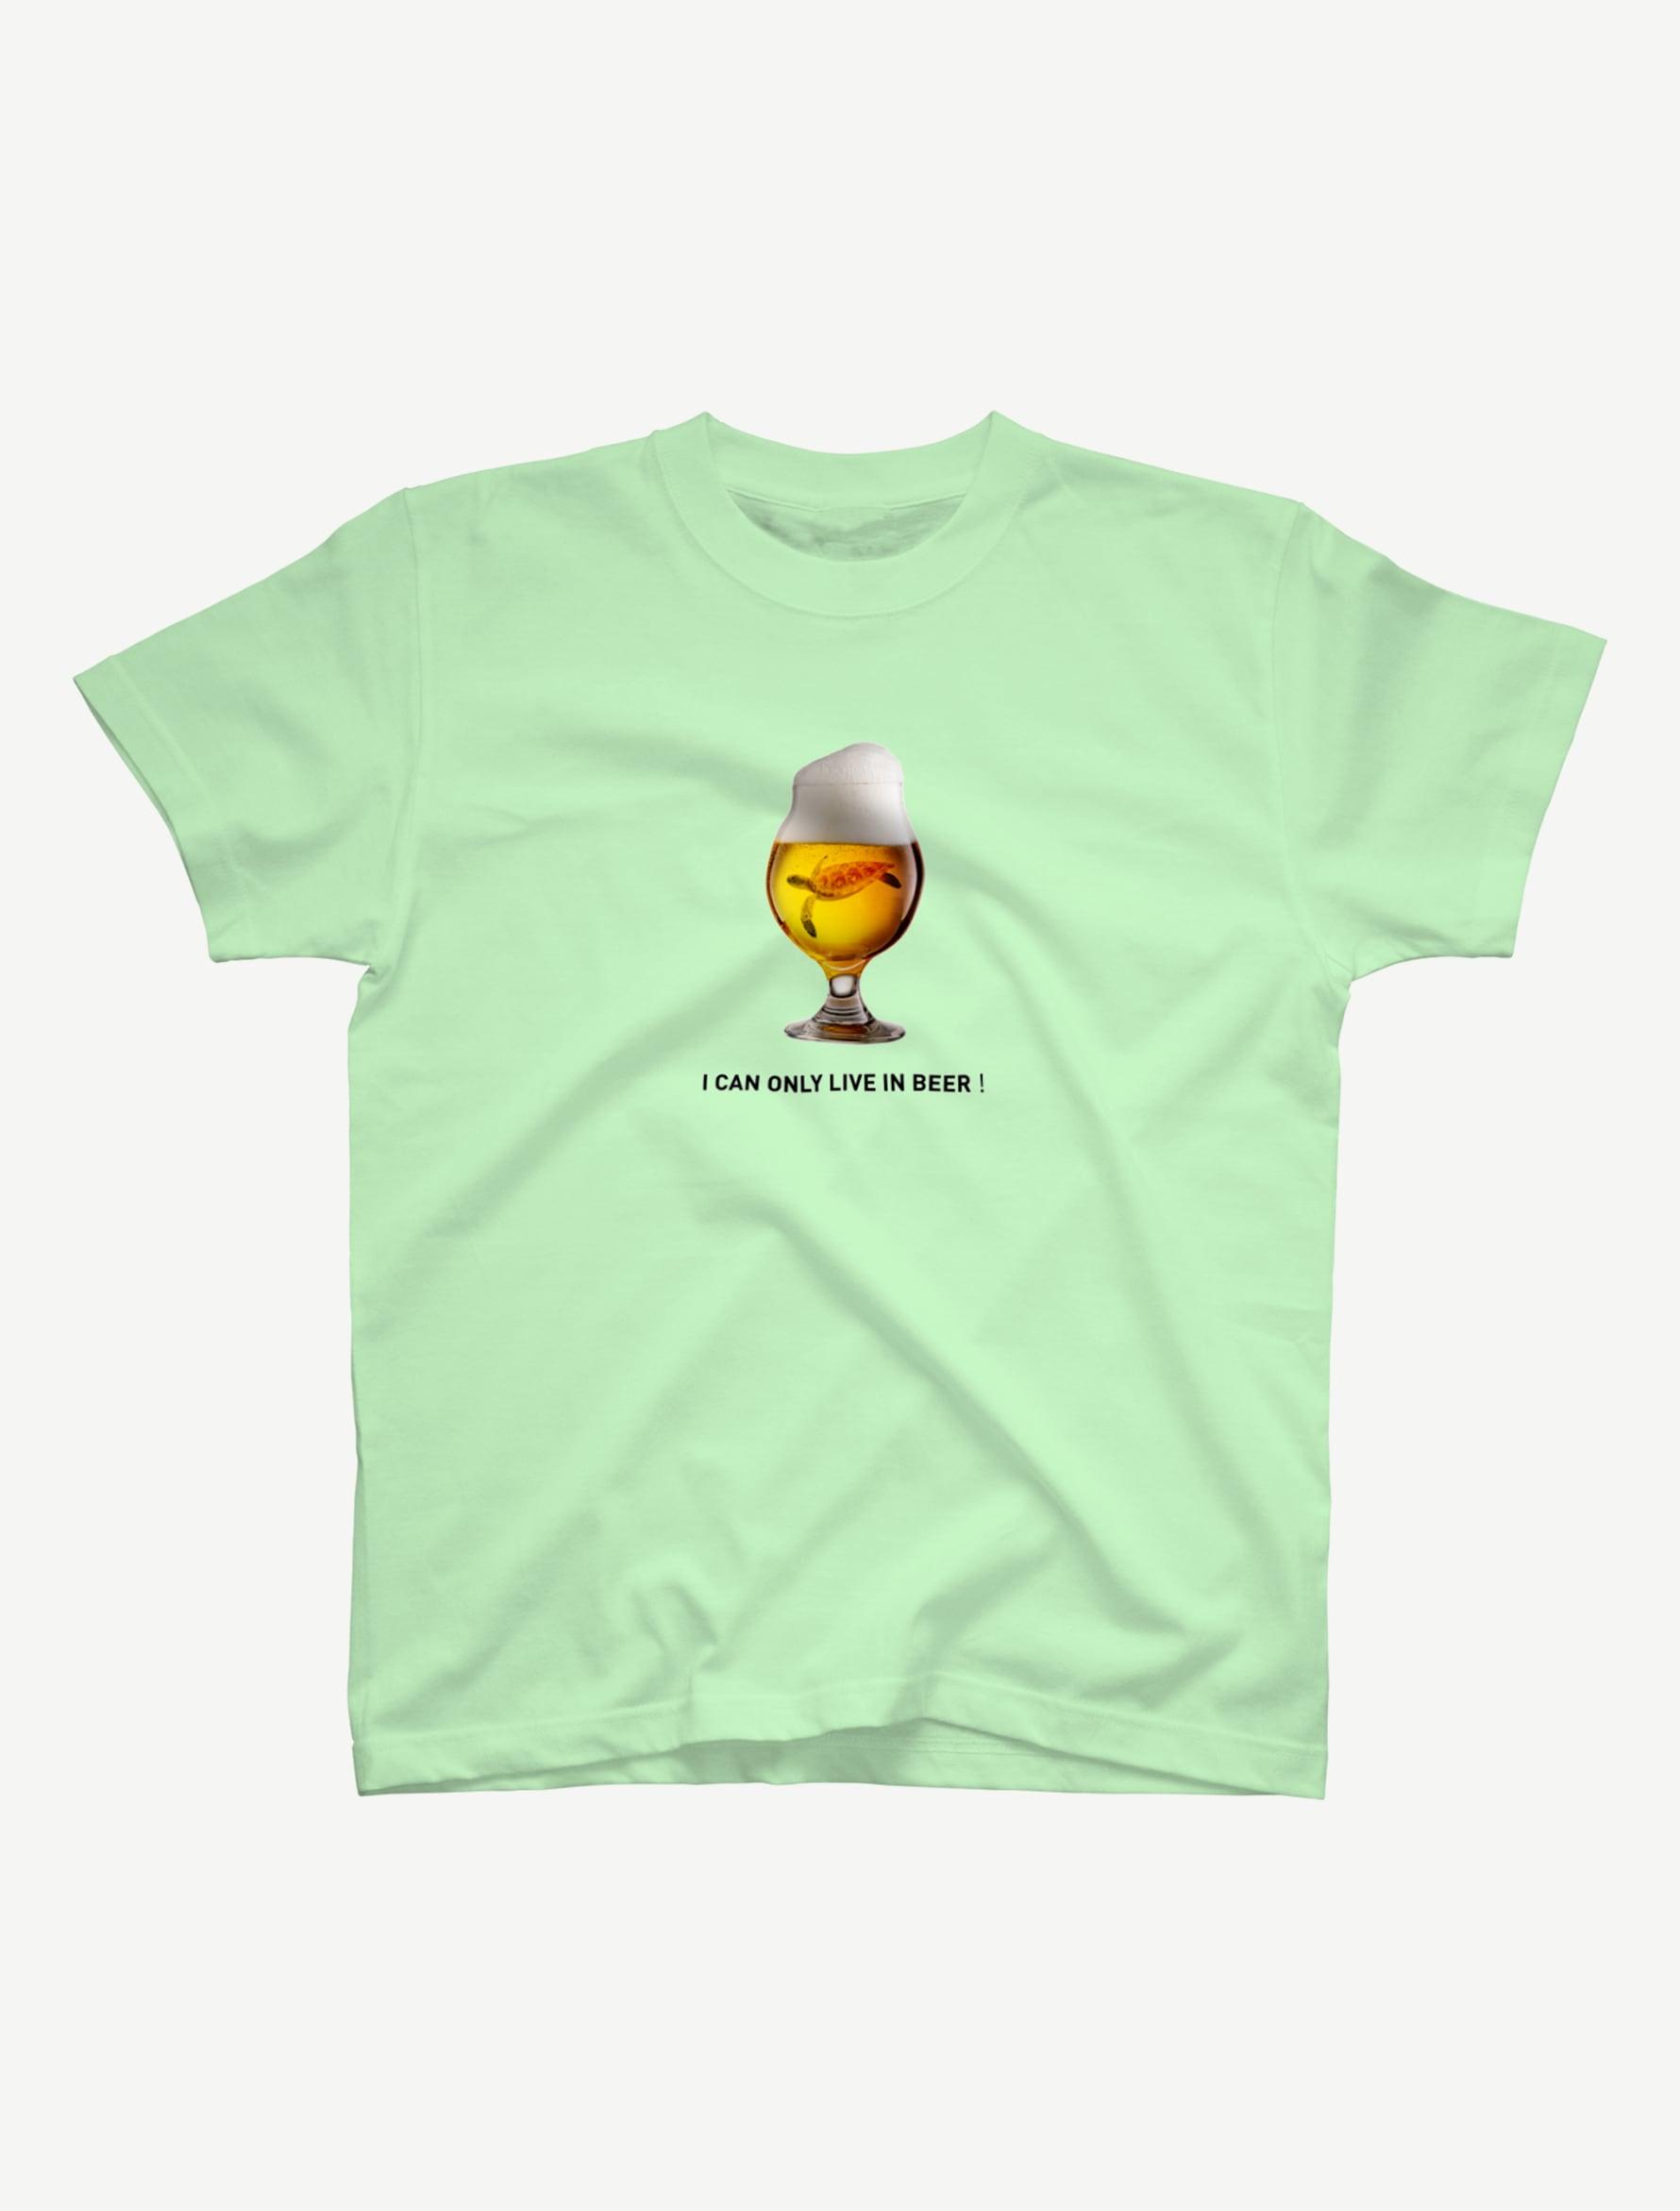 【ビールの中でしか・・・ウミガメ】Tシャツ(メロン)